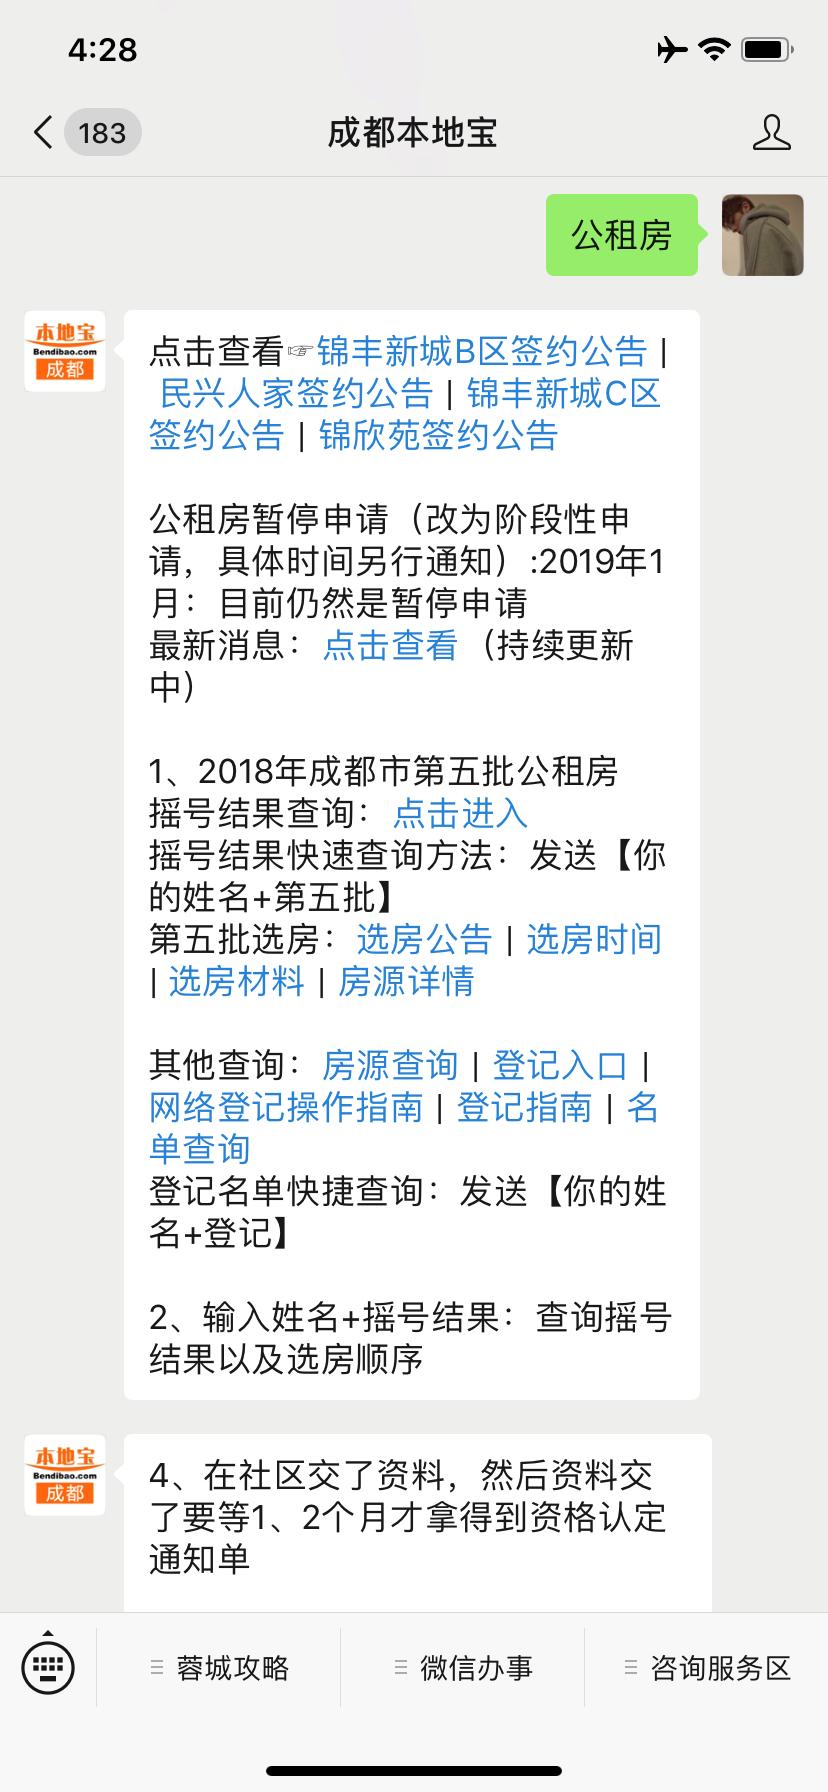 2019成都公租房锦丰新城B区签约公告